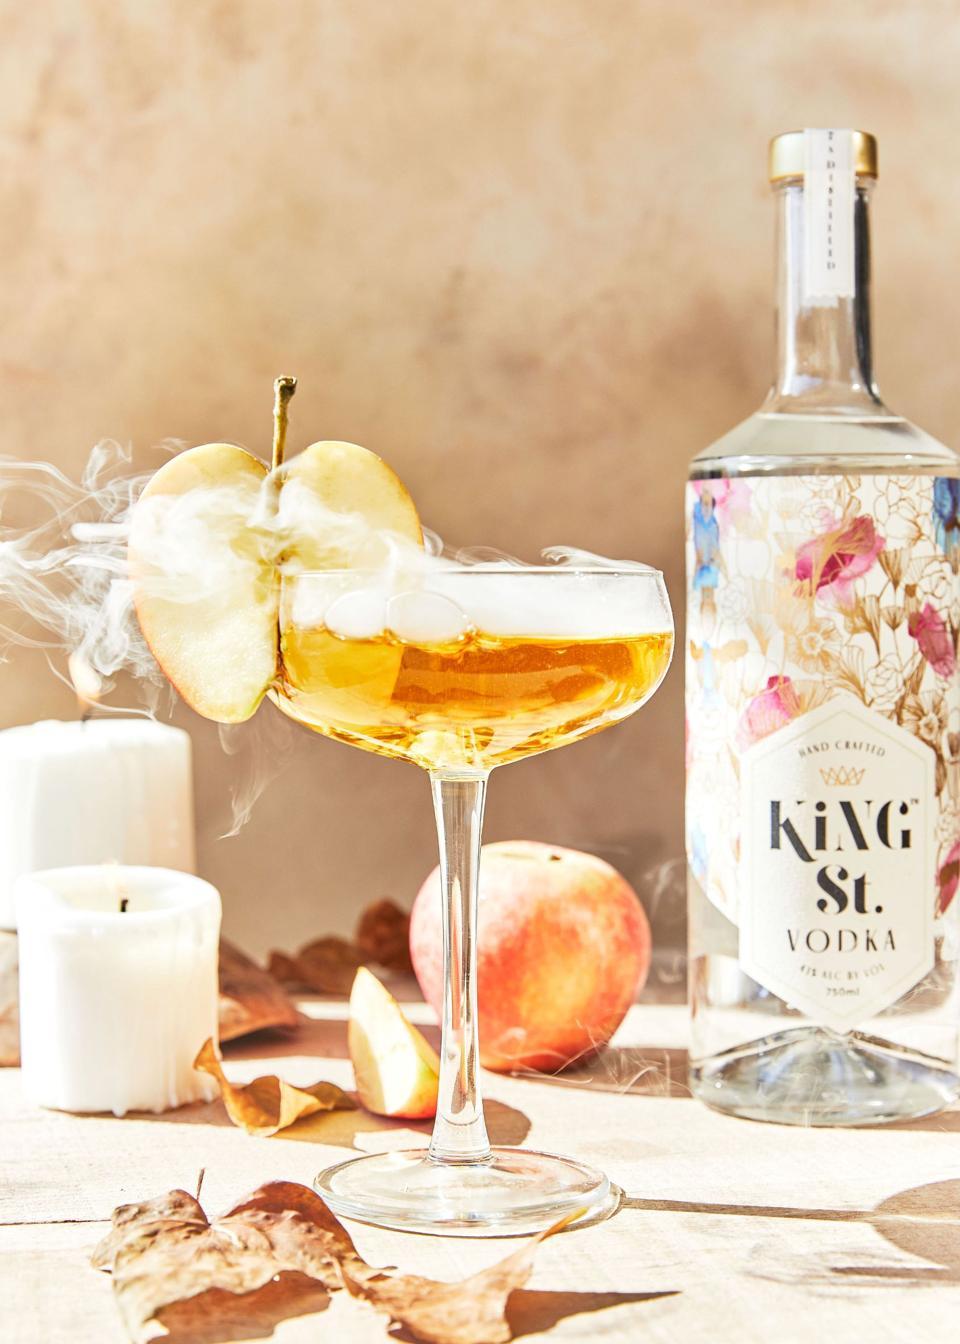 King Street Vodka